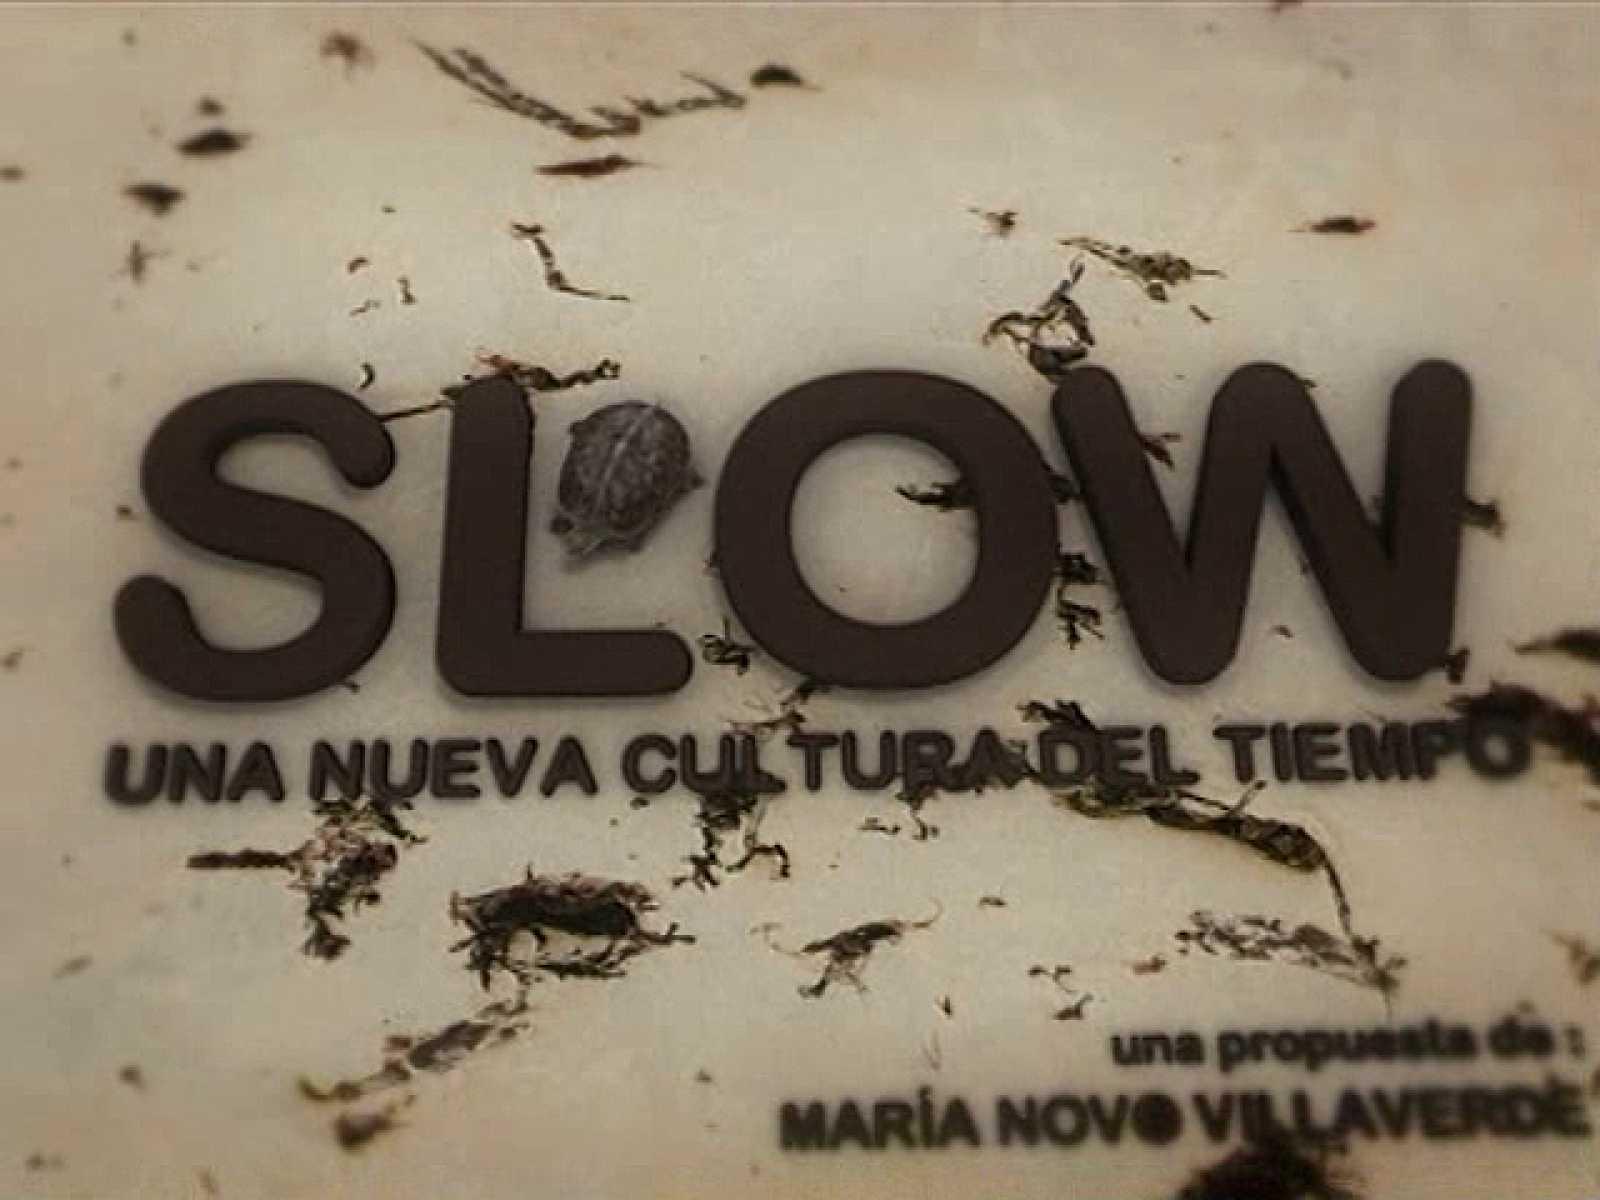 SLOW: Una nueva Cultura del Tiempo (05/11/2010) UNED